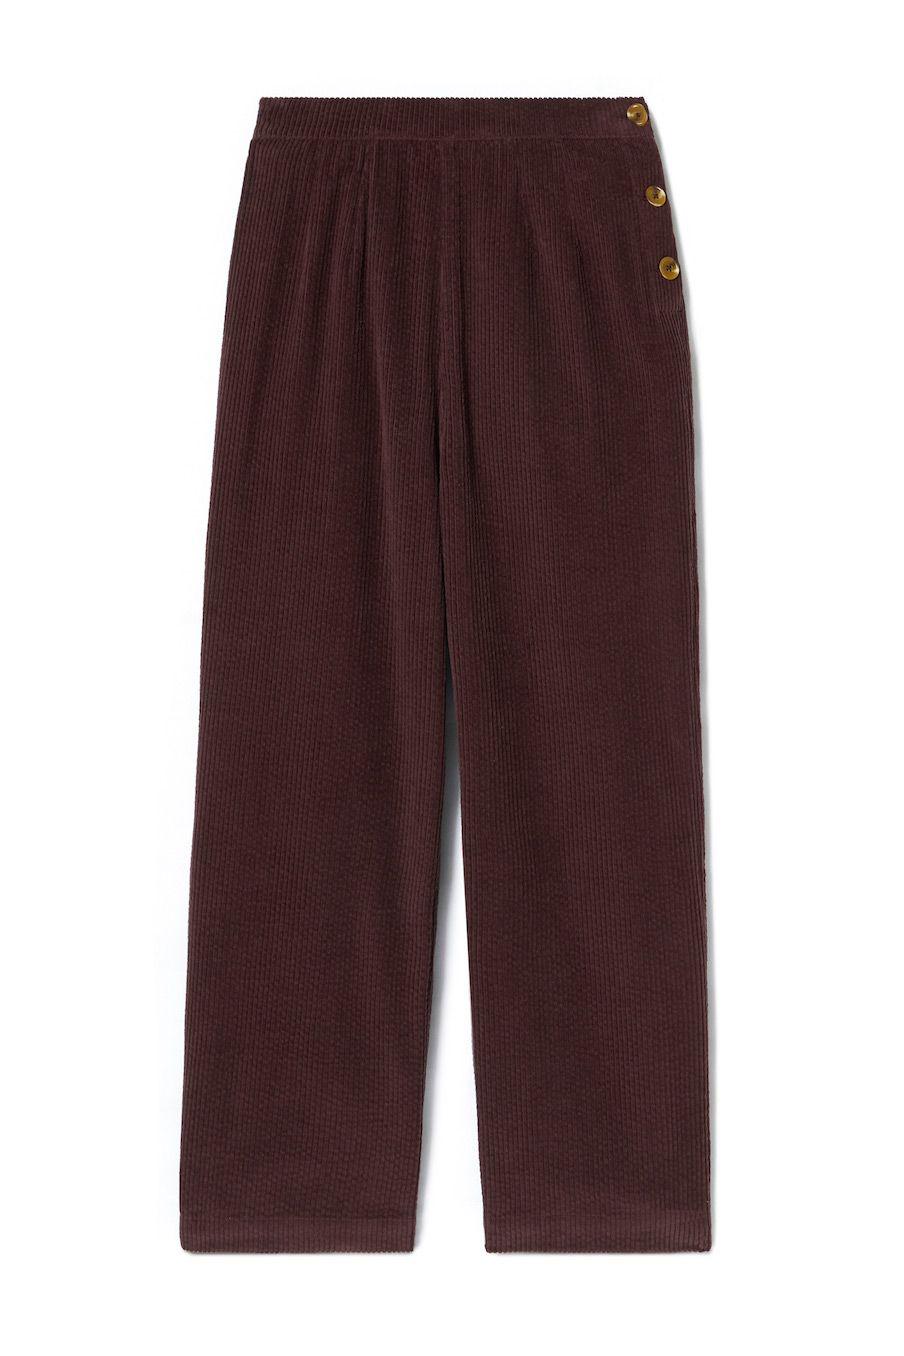 Women-Pants-Beatriz-AubergineVelvet-6.jpg